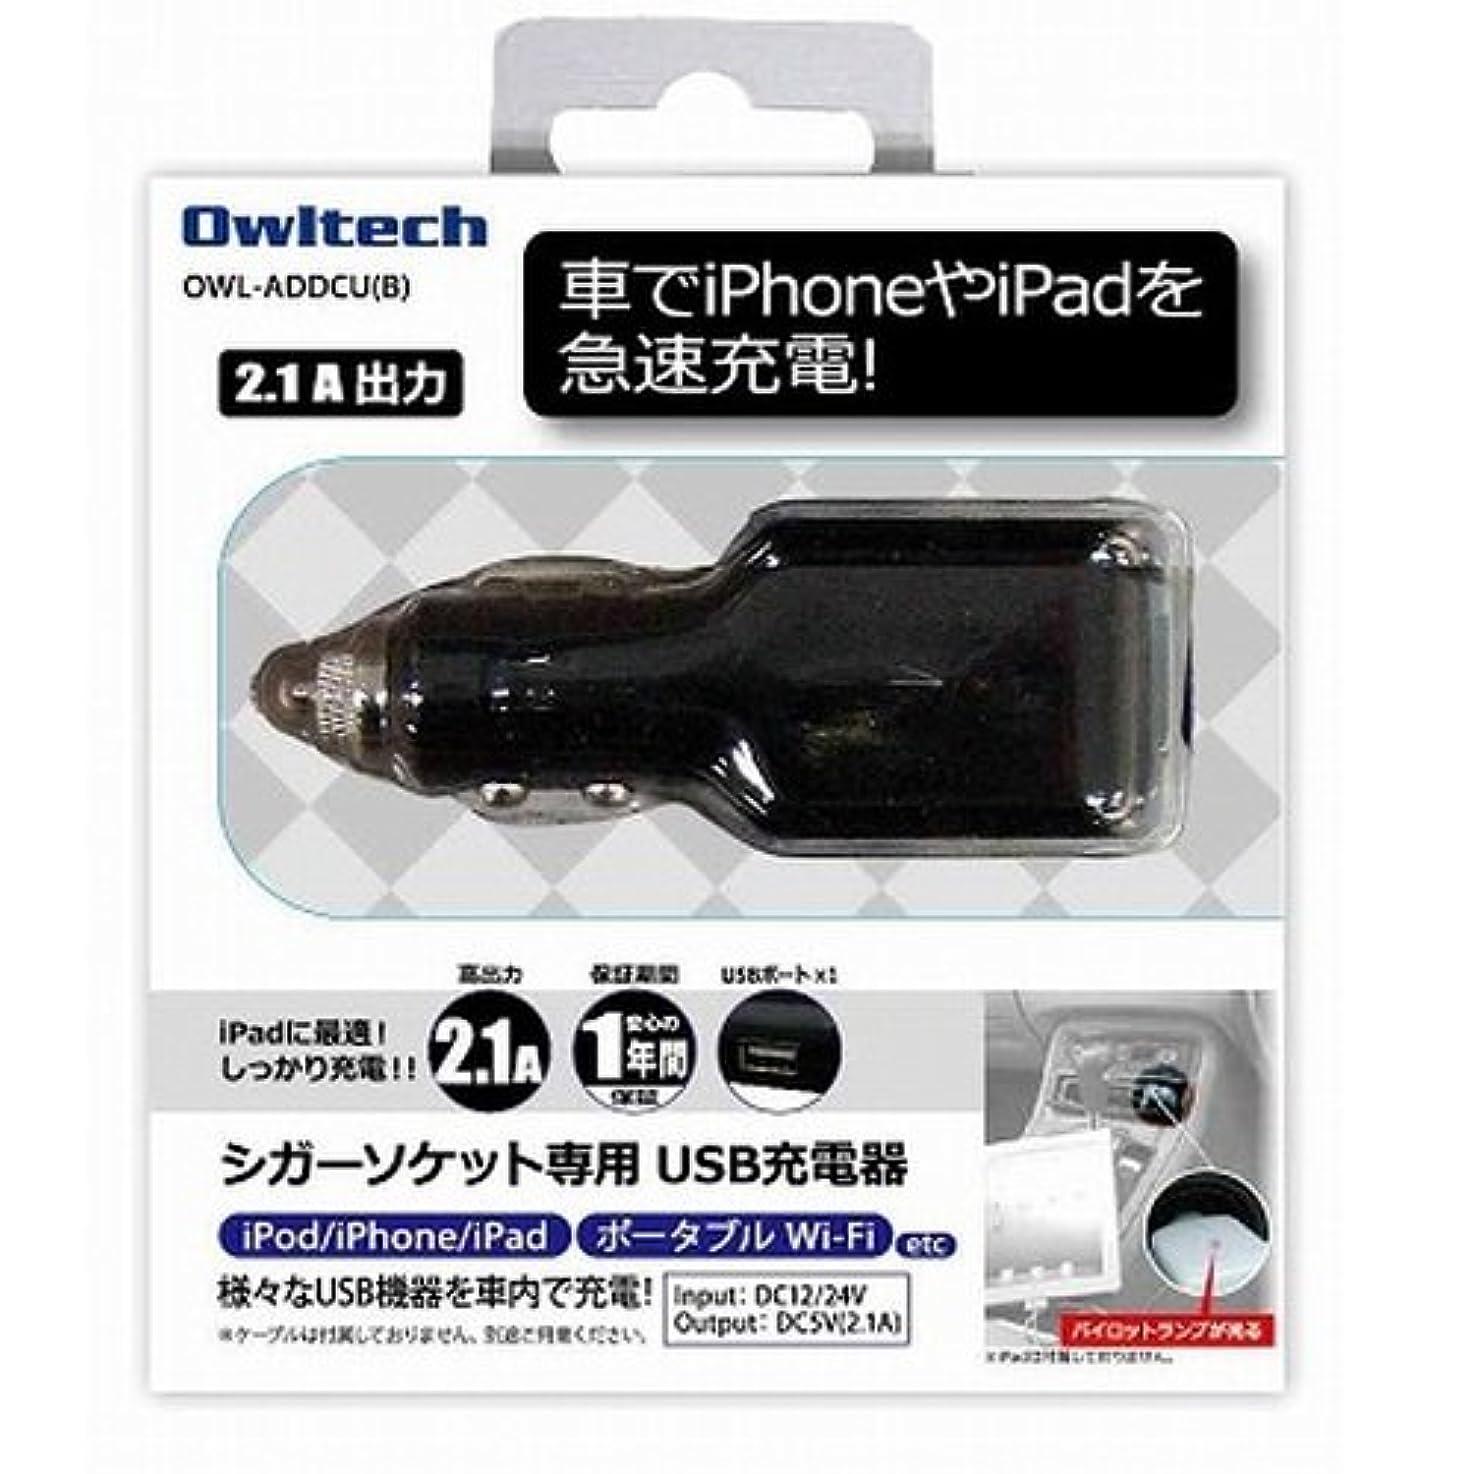 精通した試みるコールオウルテック iPhone6/6Plus/5S/5C/5/iPad air/mini/iPod/Nexus7/Galaxy/Xperia等スマートフォン タブレットPC対応 シガーソケット専用充電器 2.1A ブラック OWL-ADDCU(B)